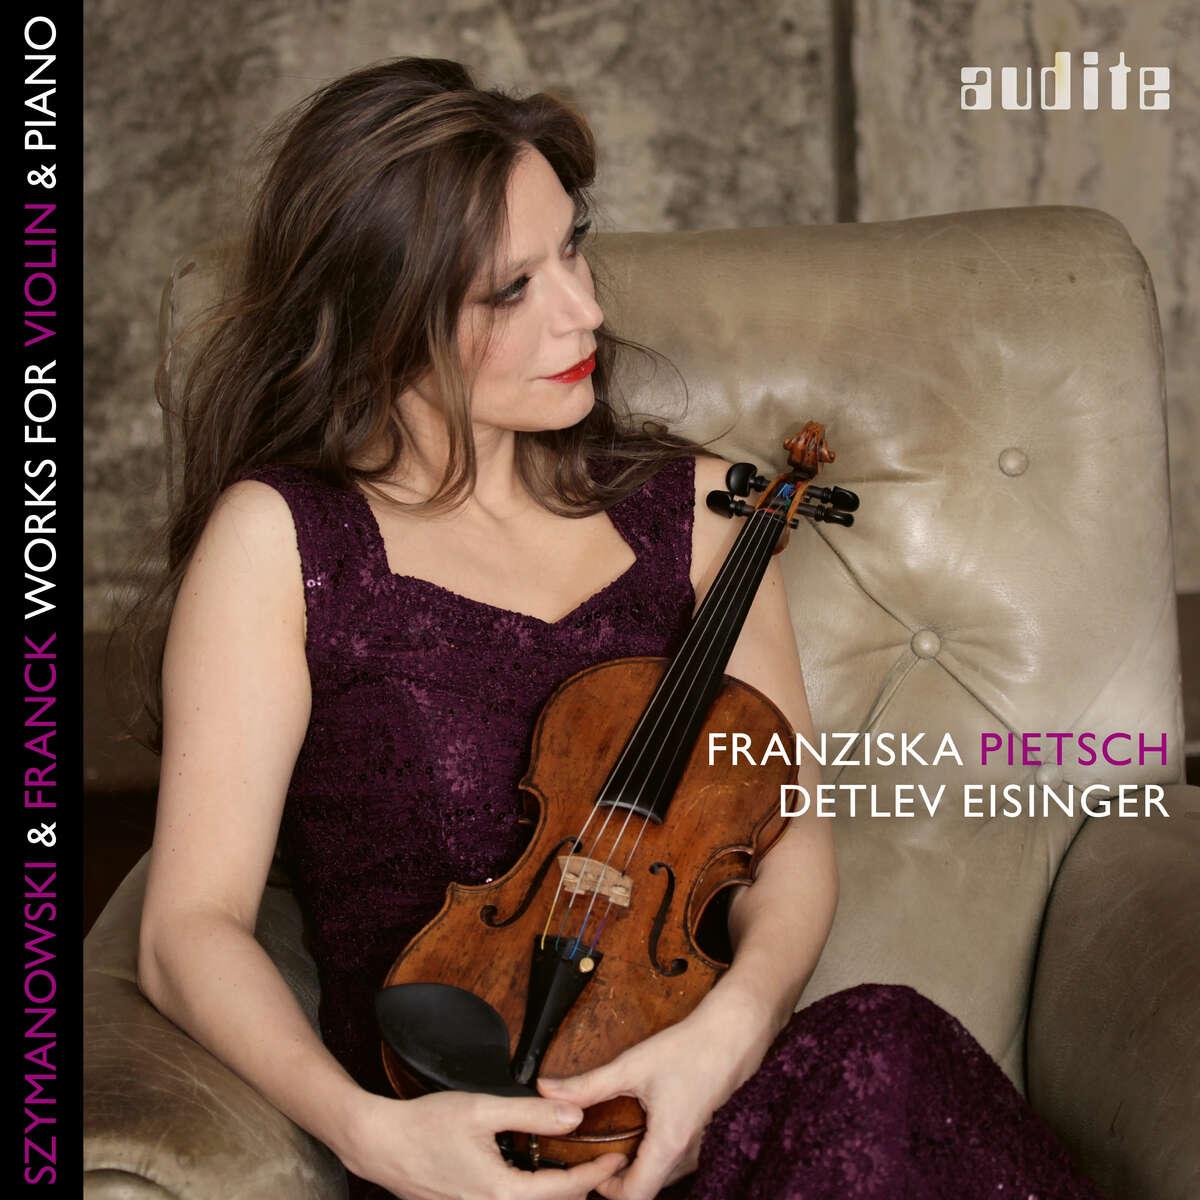 audite! - K. Szymanowski & E. Franck: Works for Violin & Piano_Duo ...